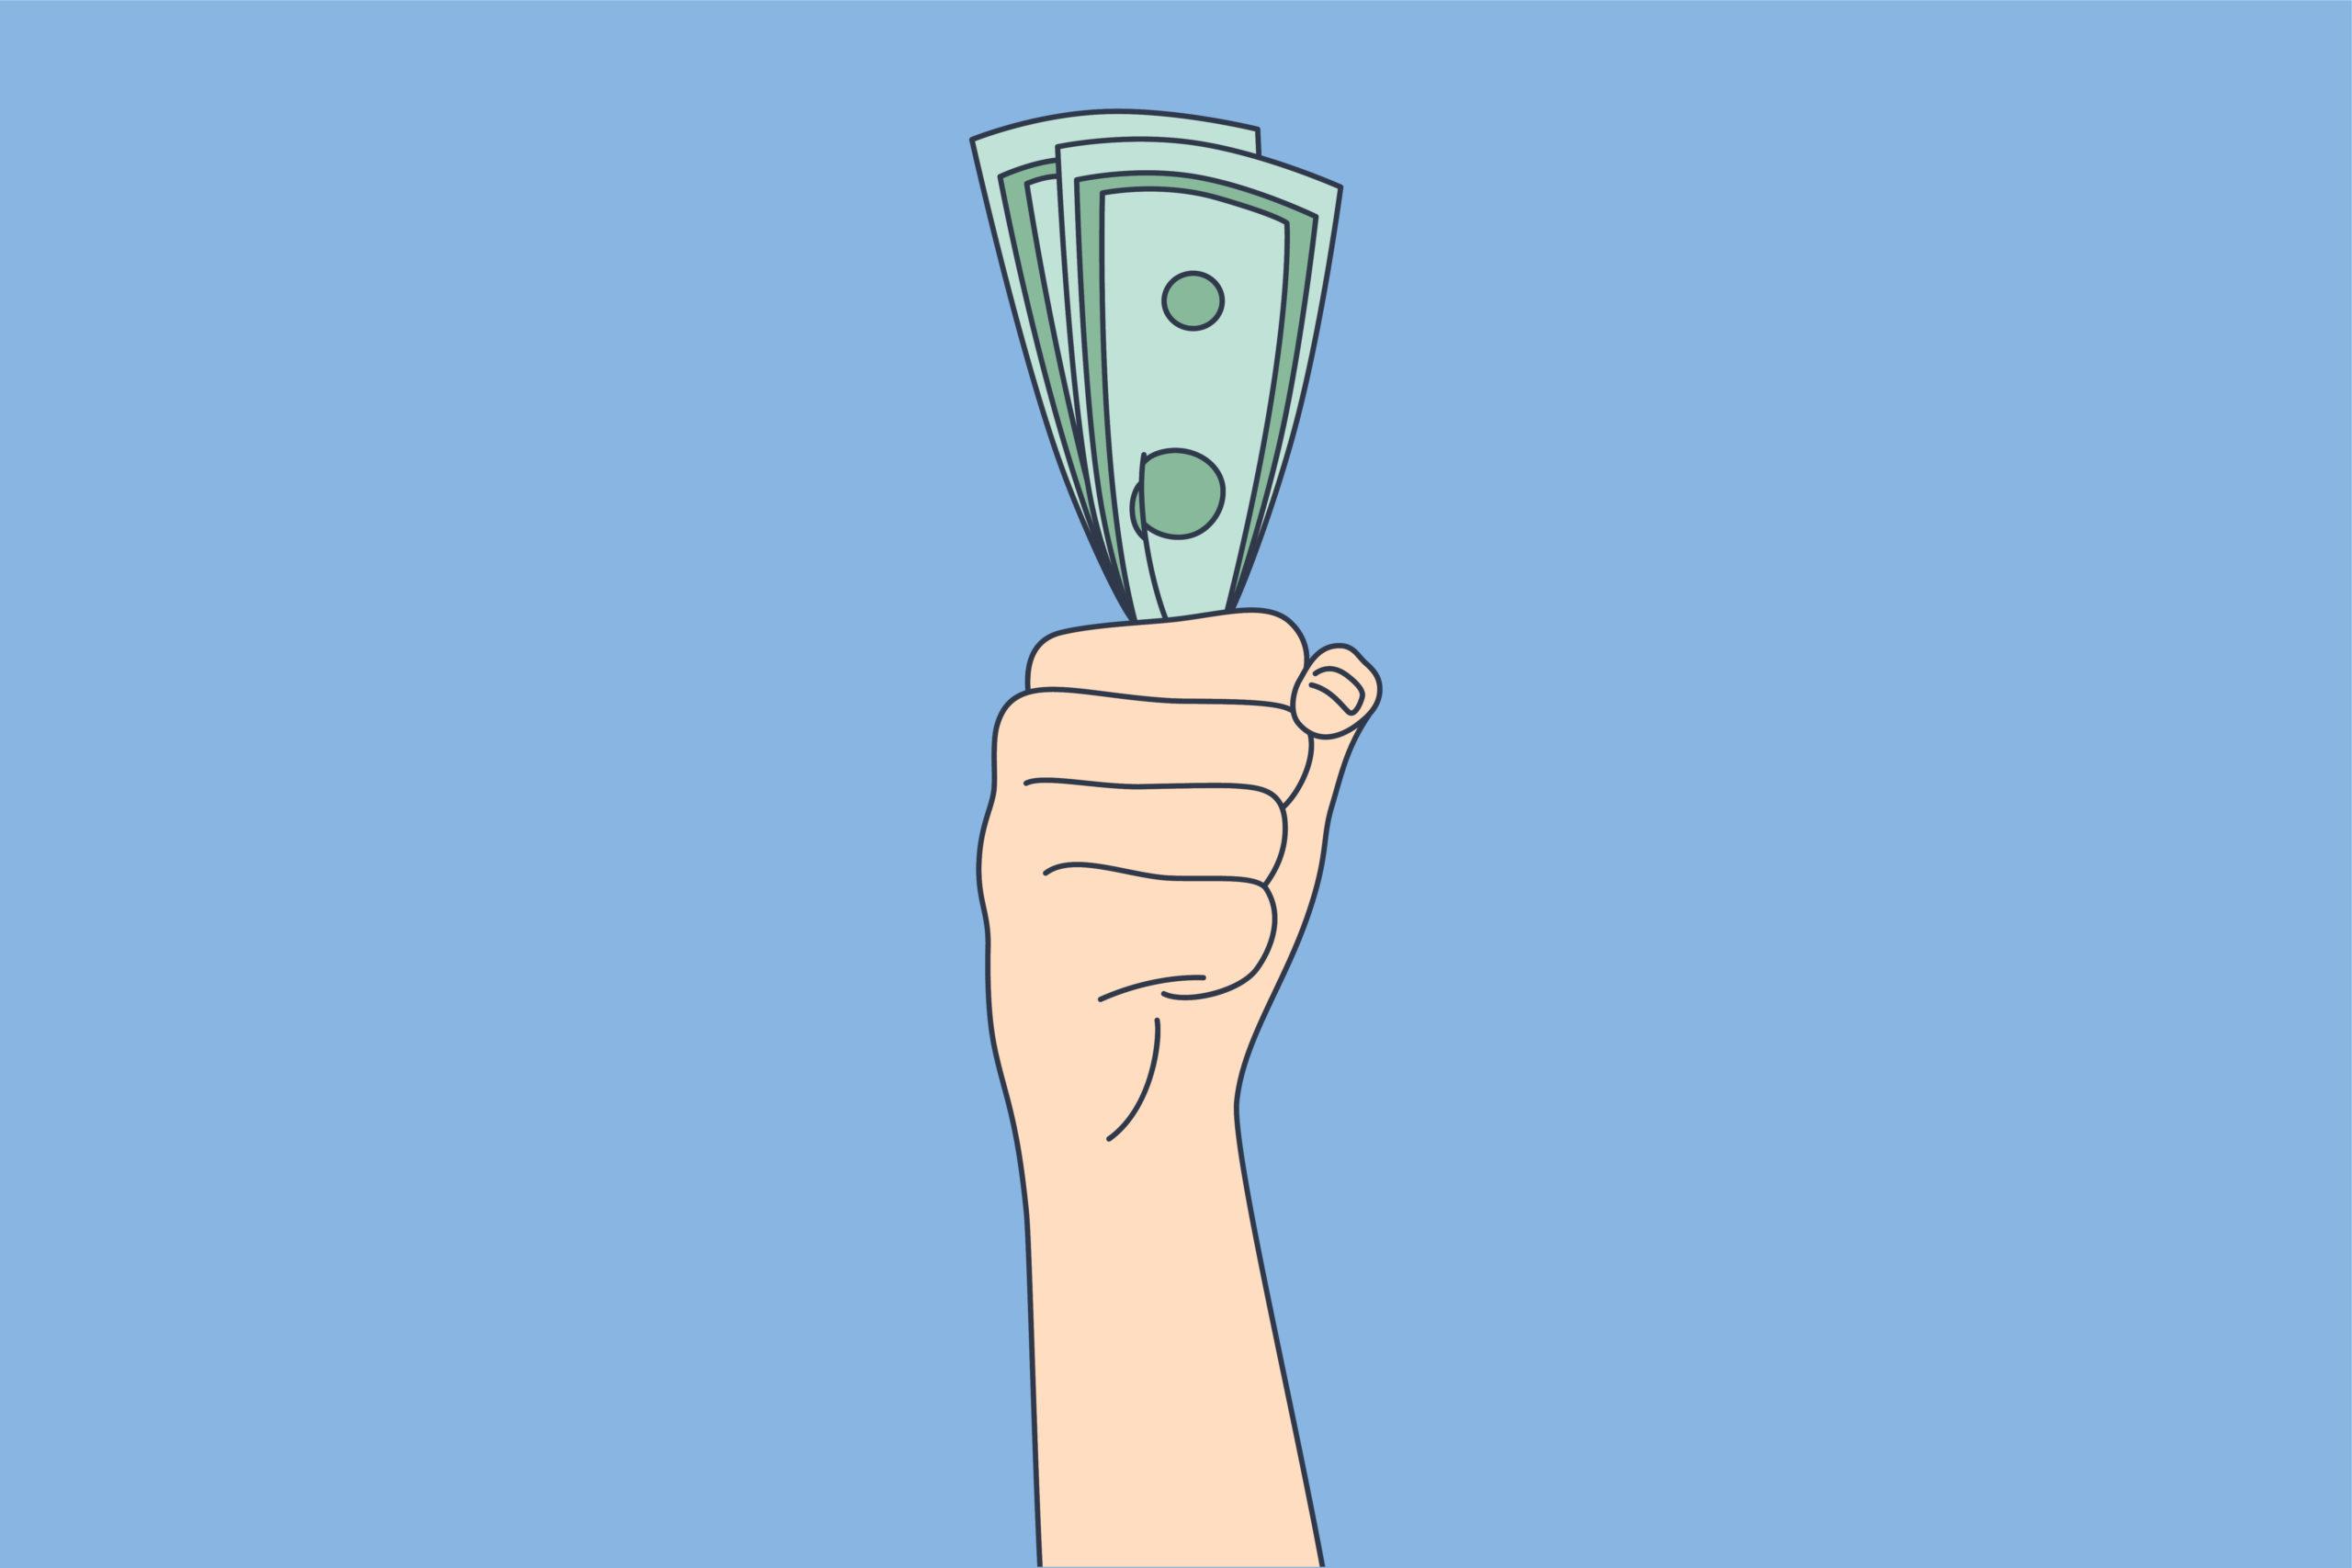 ブログにかかる初期費用はどれくらい?【月額の料金や0円で始める裏ワザも紹介】